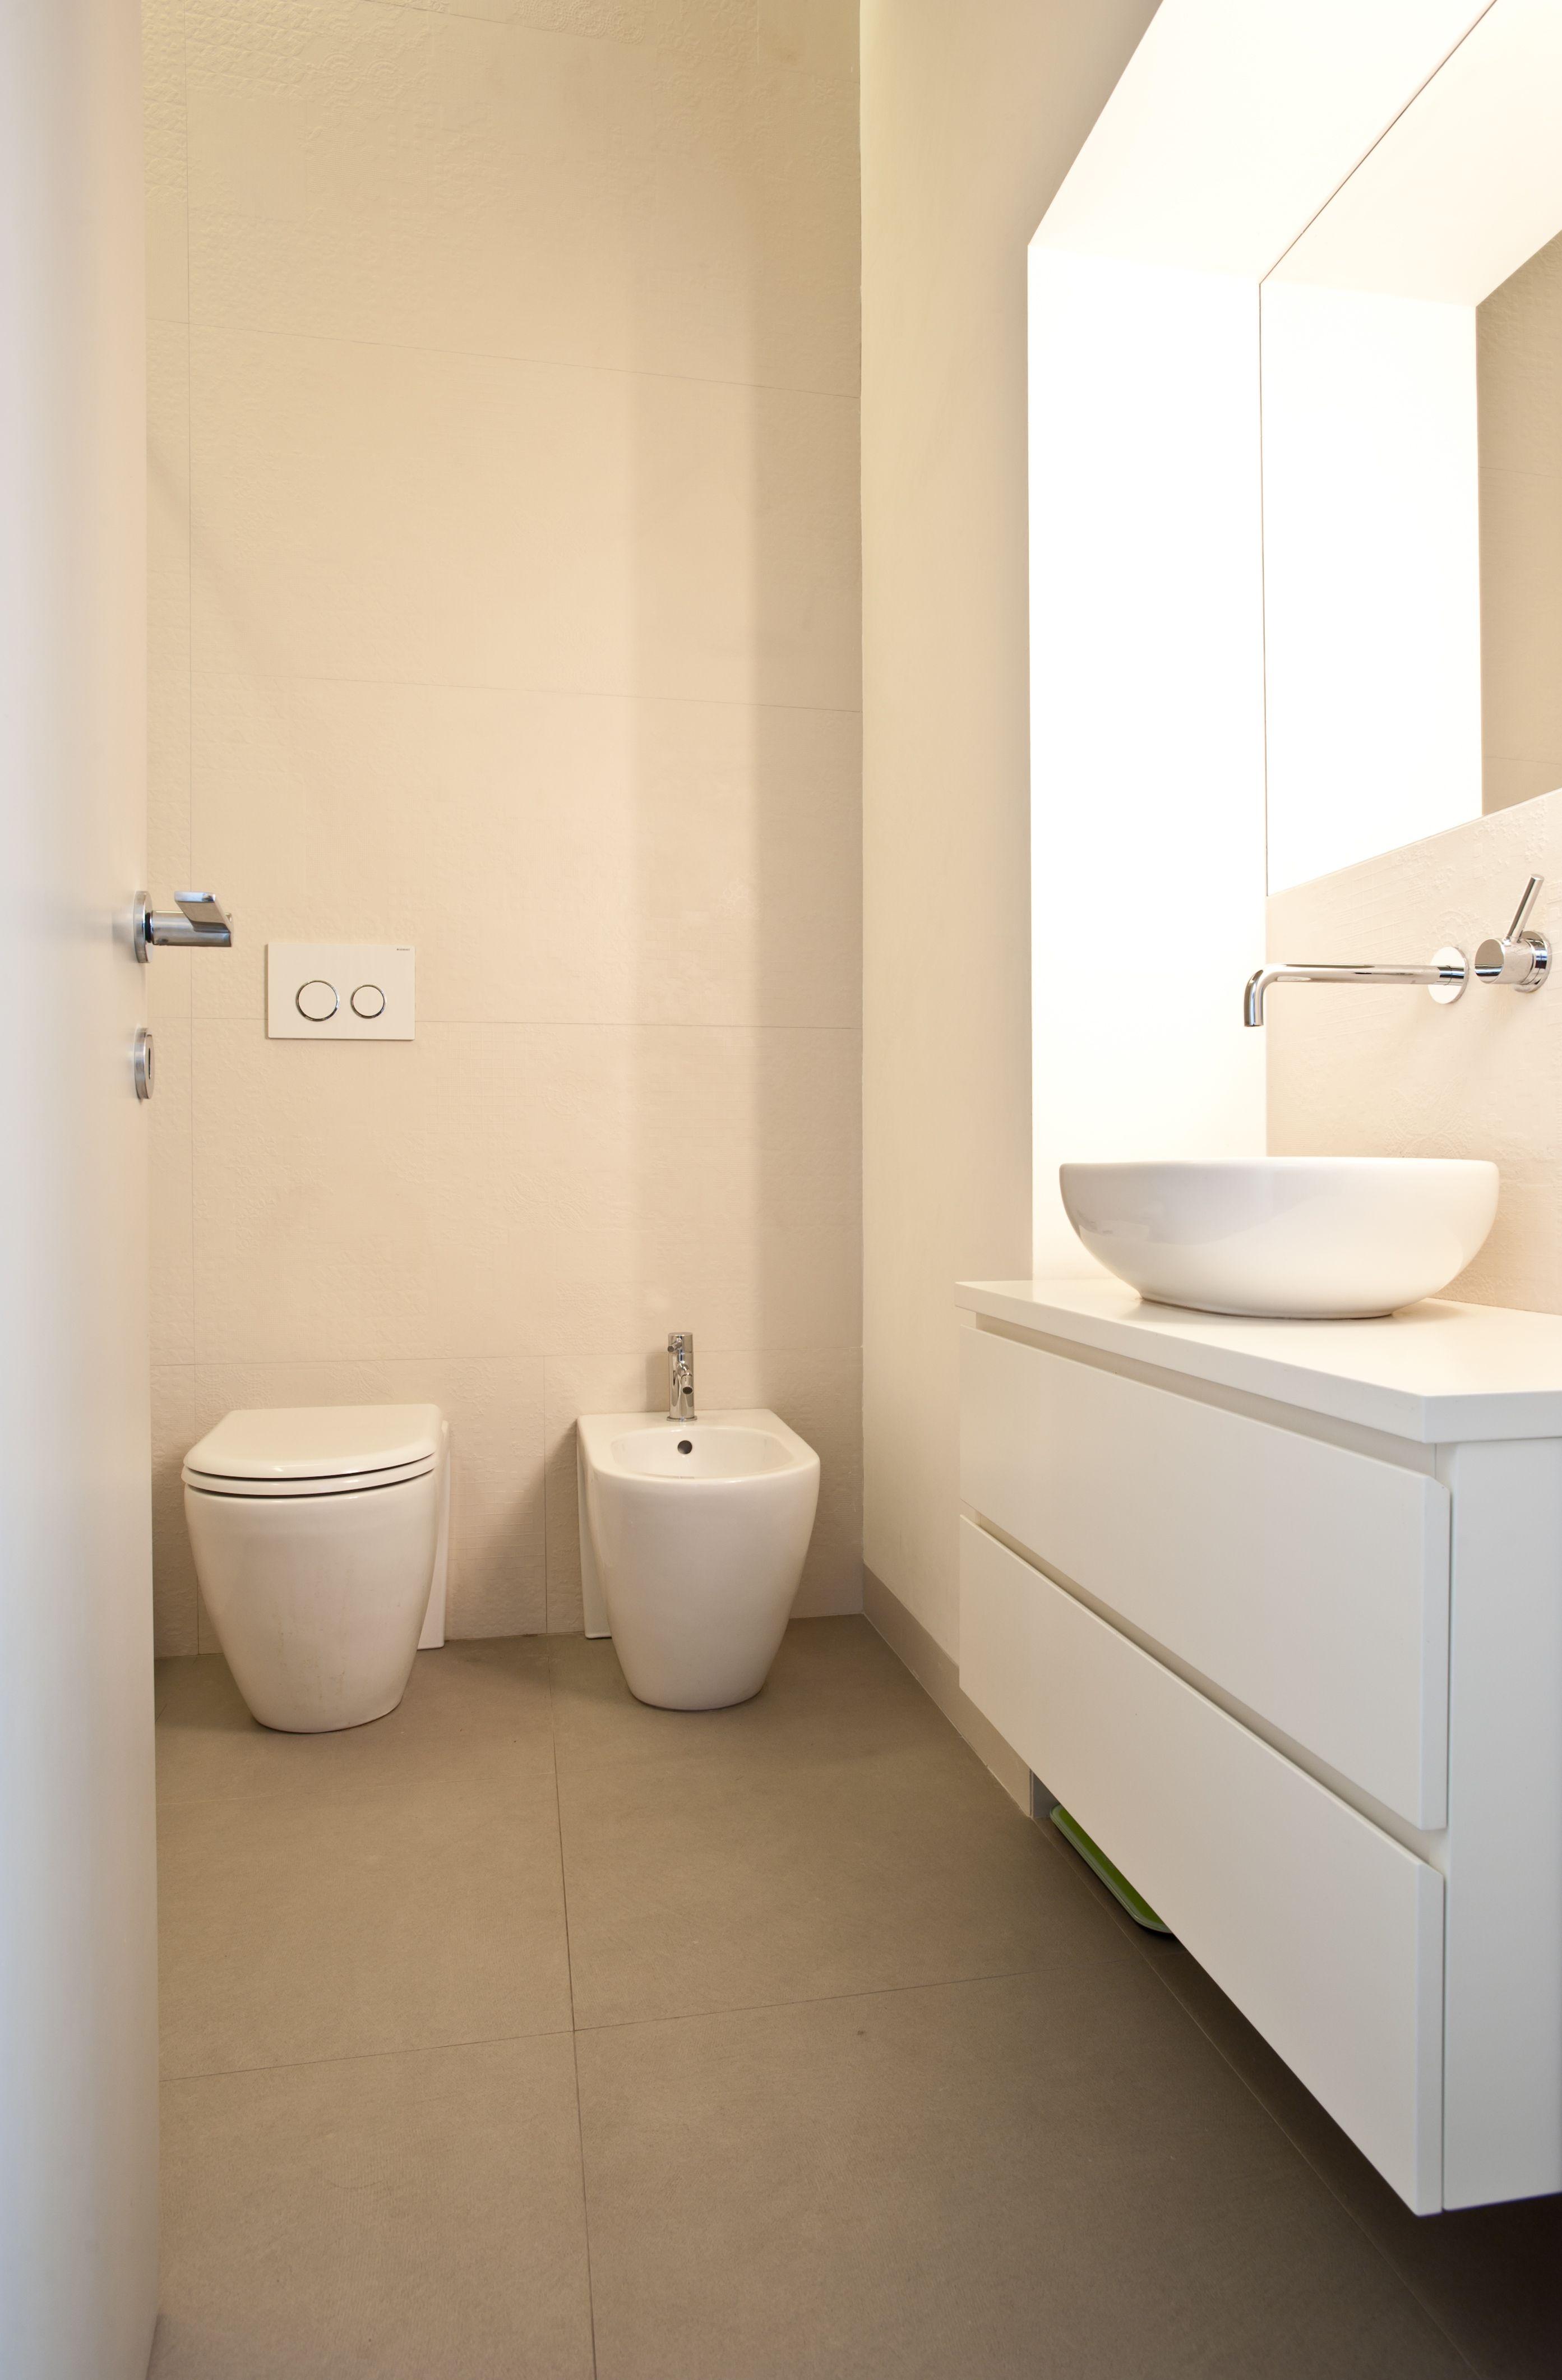 www.disegnoinopera.it  - stanza da bagno - casa a due altezze